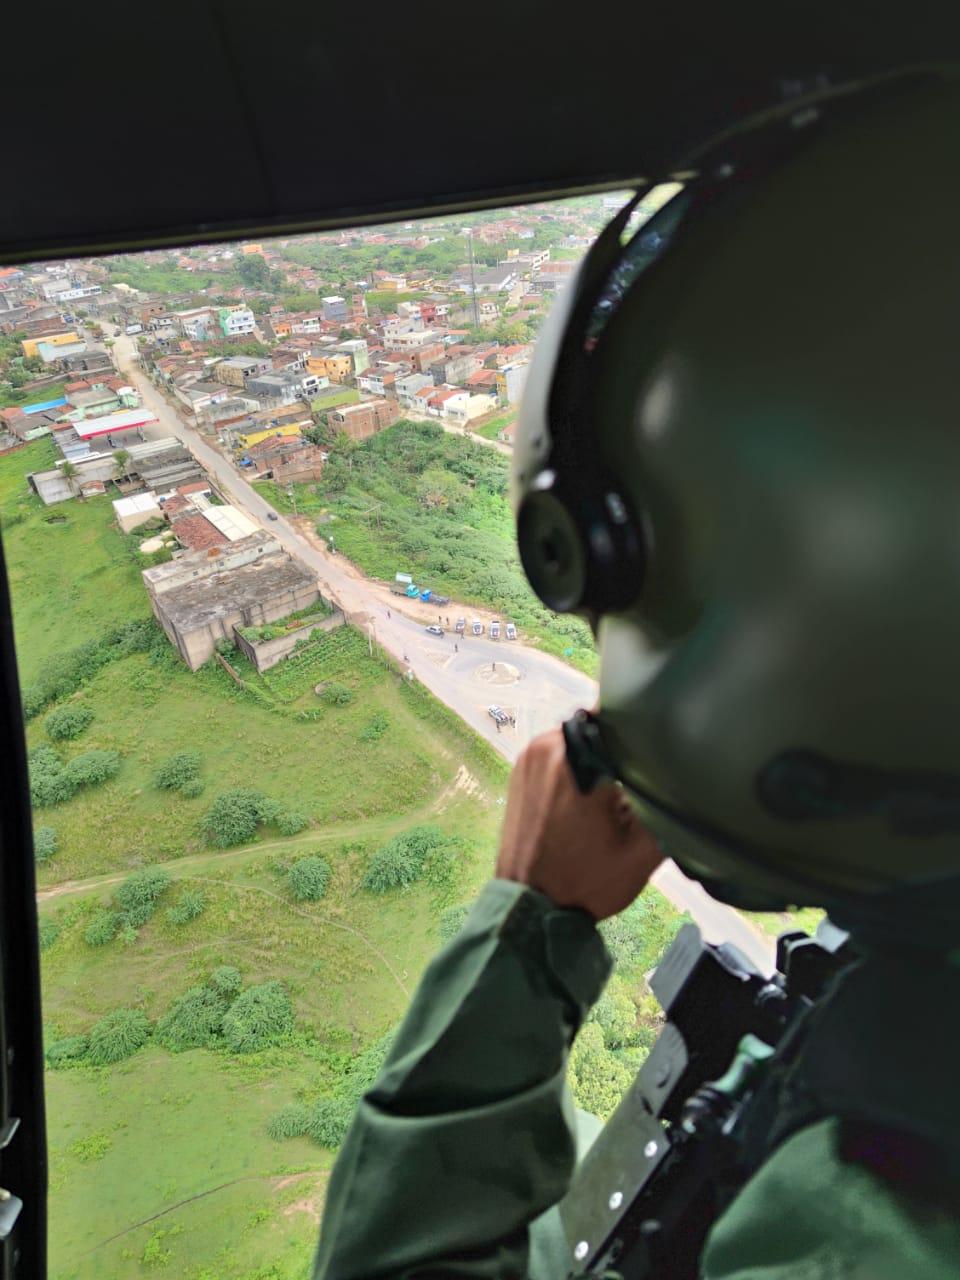 WhatsApp Image 2020 07 09 at 13.25.07 - Forças policiais paraibanas reforçam segurança na divisa entre Paraíba e Pernambuco